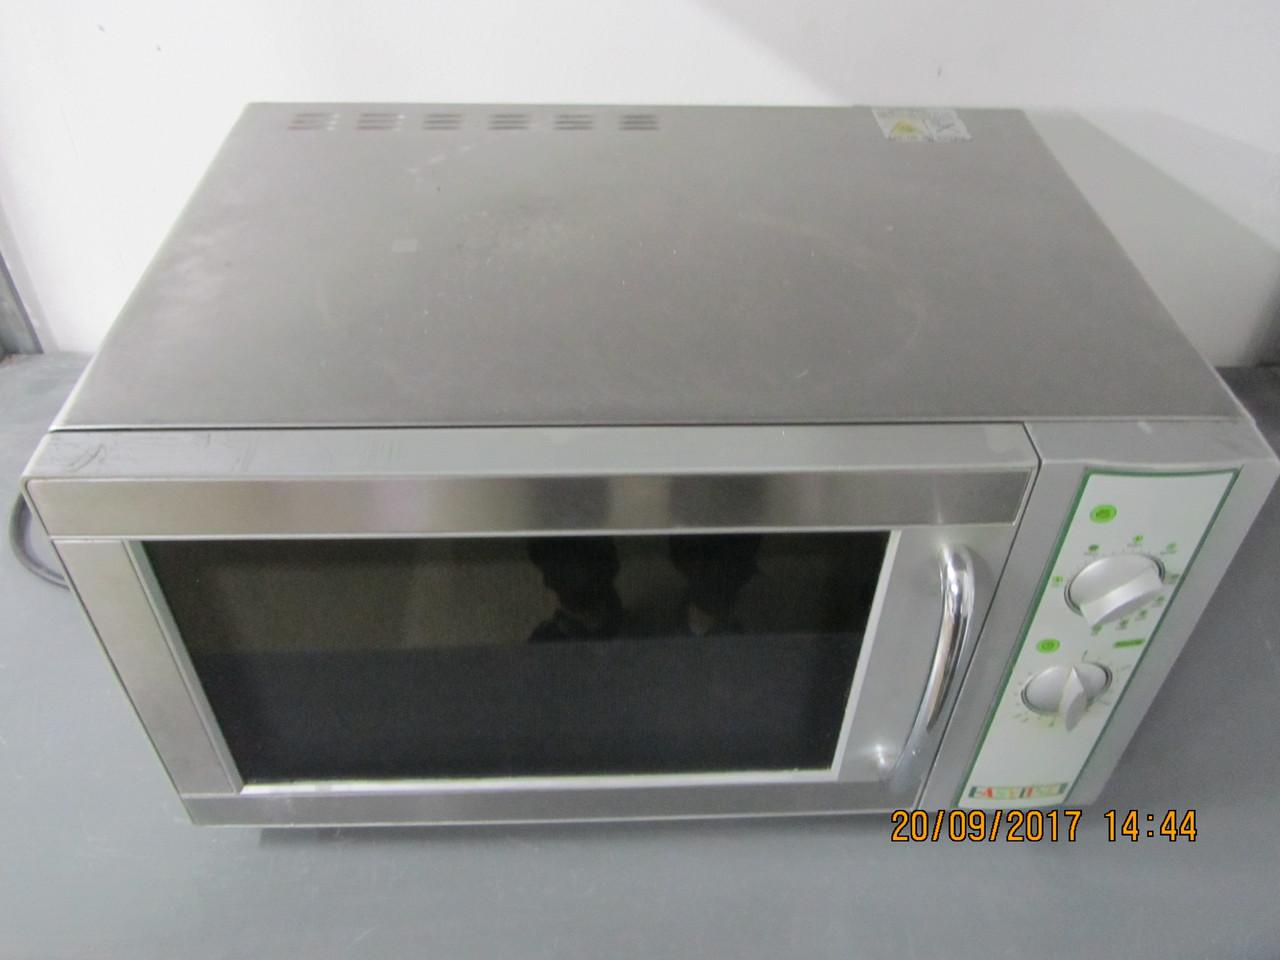 Микроволновая печь Fimar FOMF911235M на запчасти